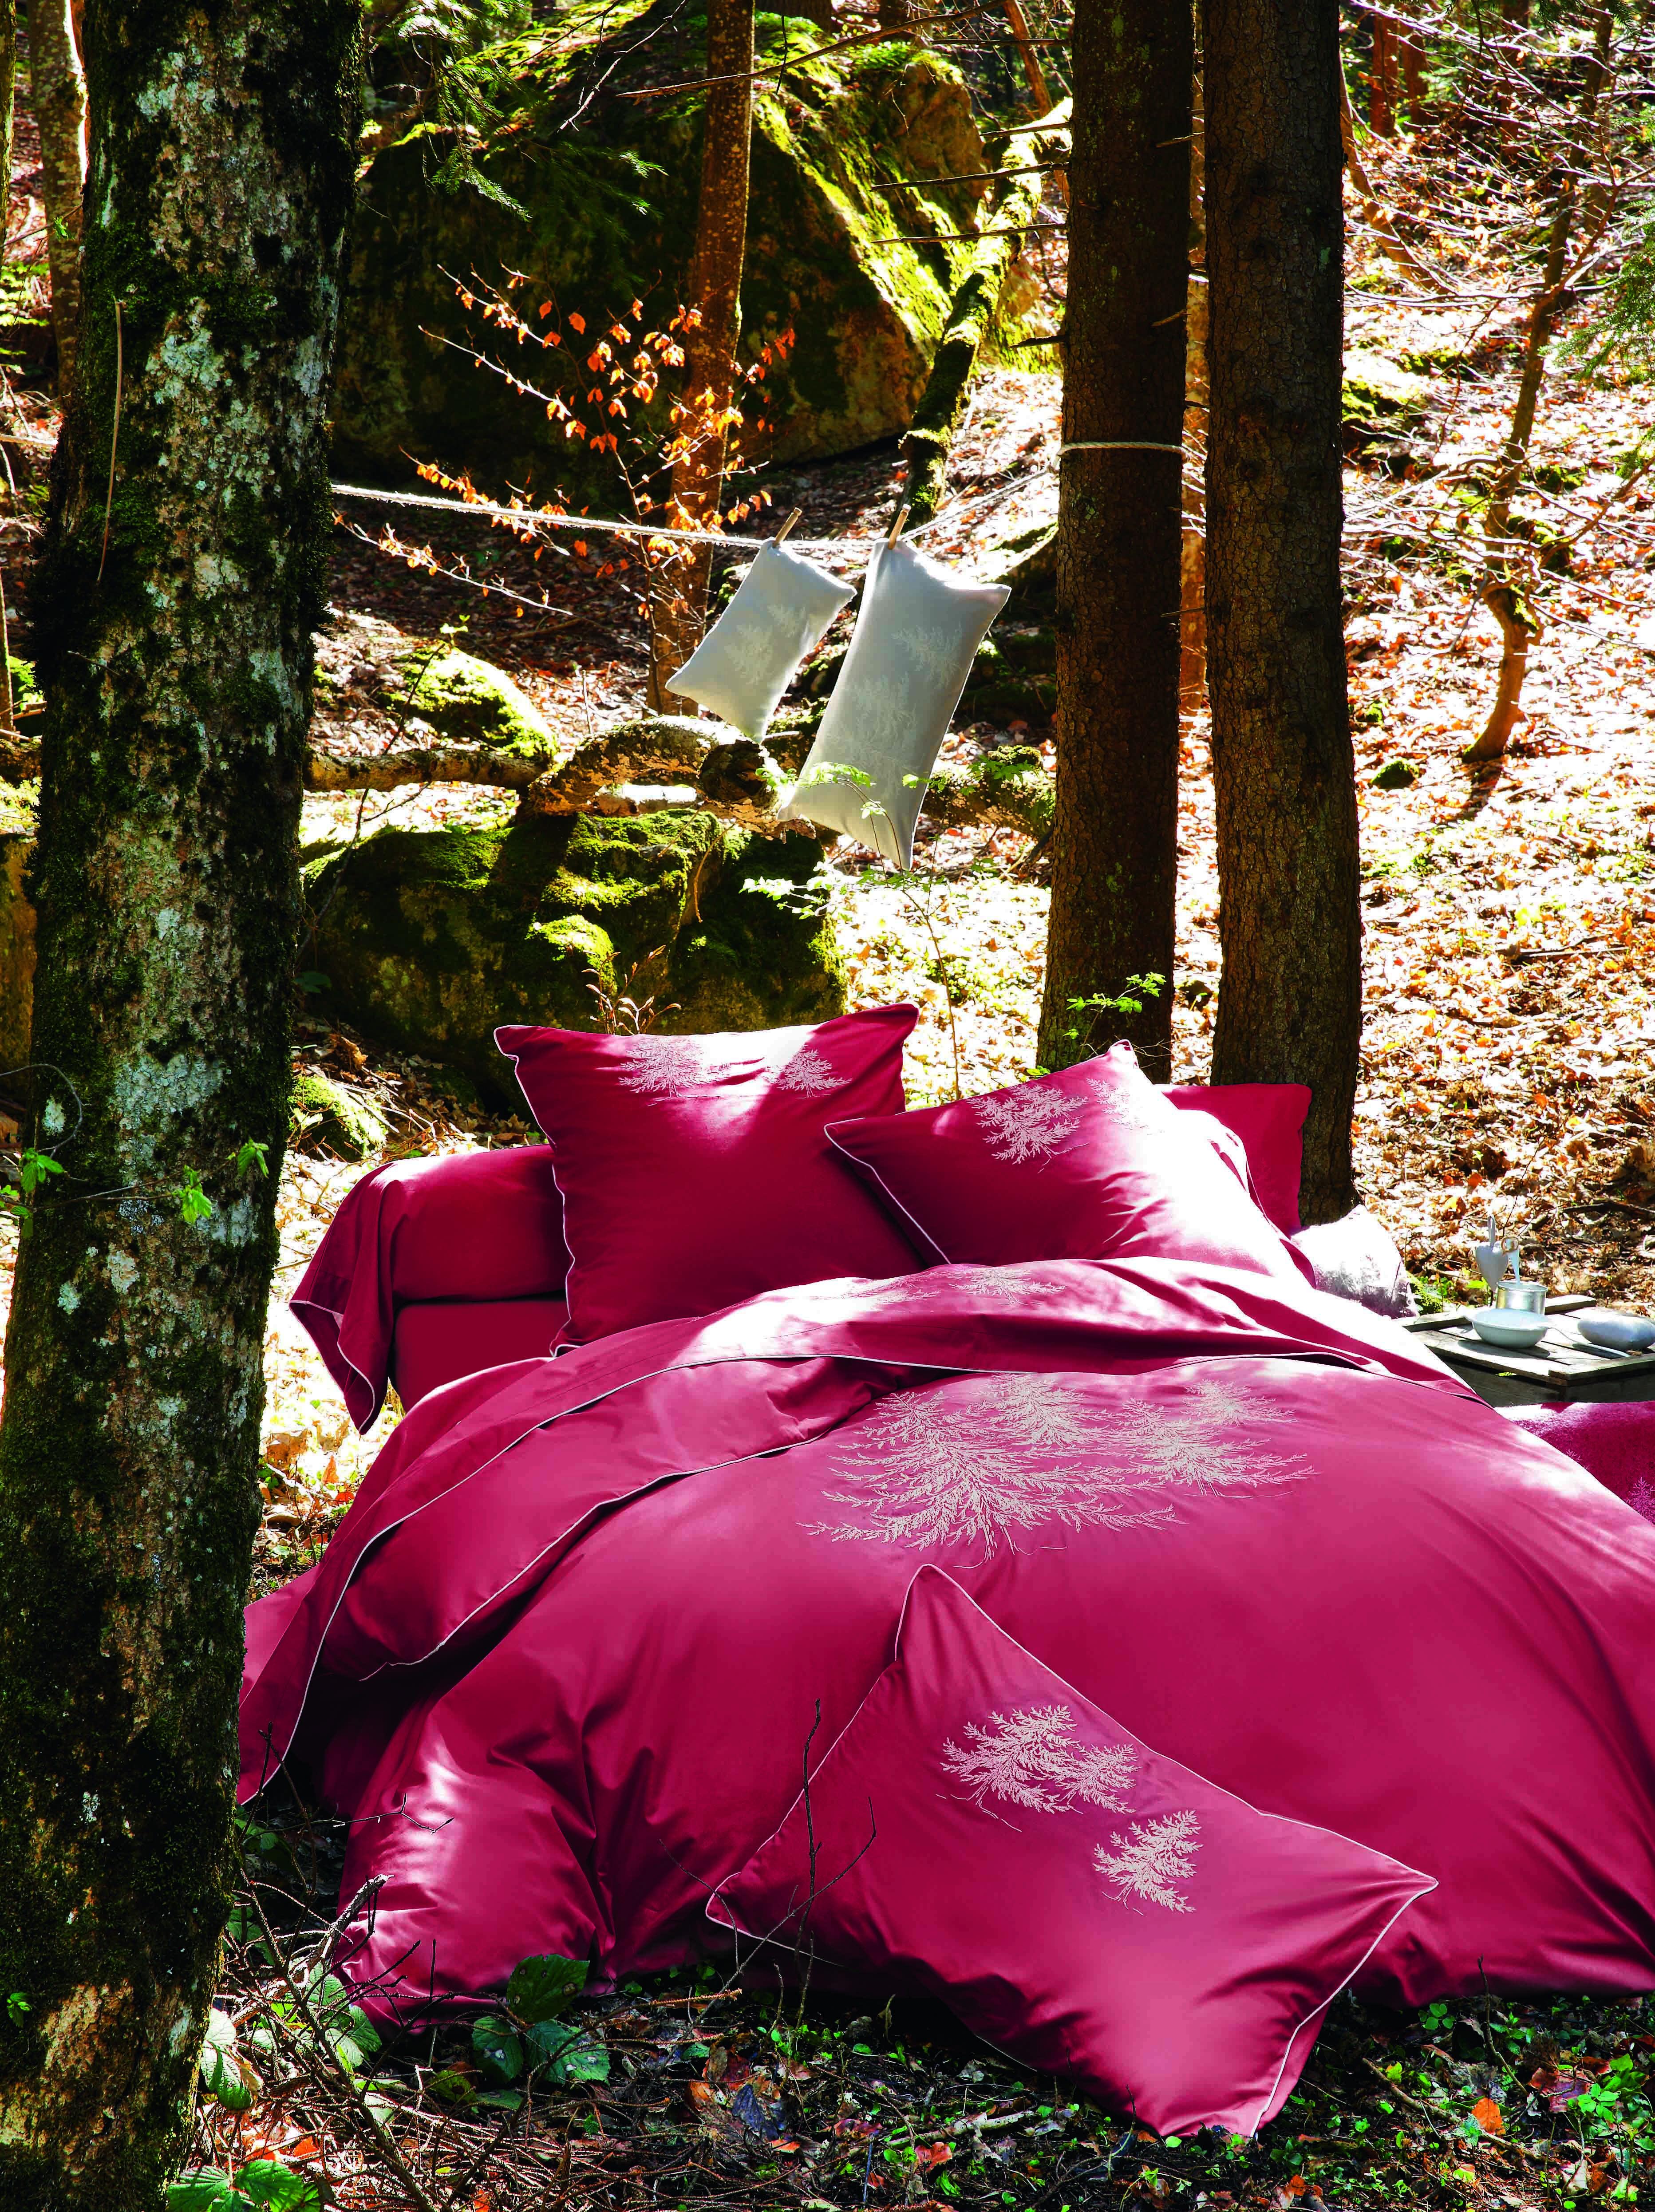 Housse De Couette Montagne Sylvie Thiriez Impressionnant Photographie Parure In the forest Rouge Montagne Parure De Linge De Lit En